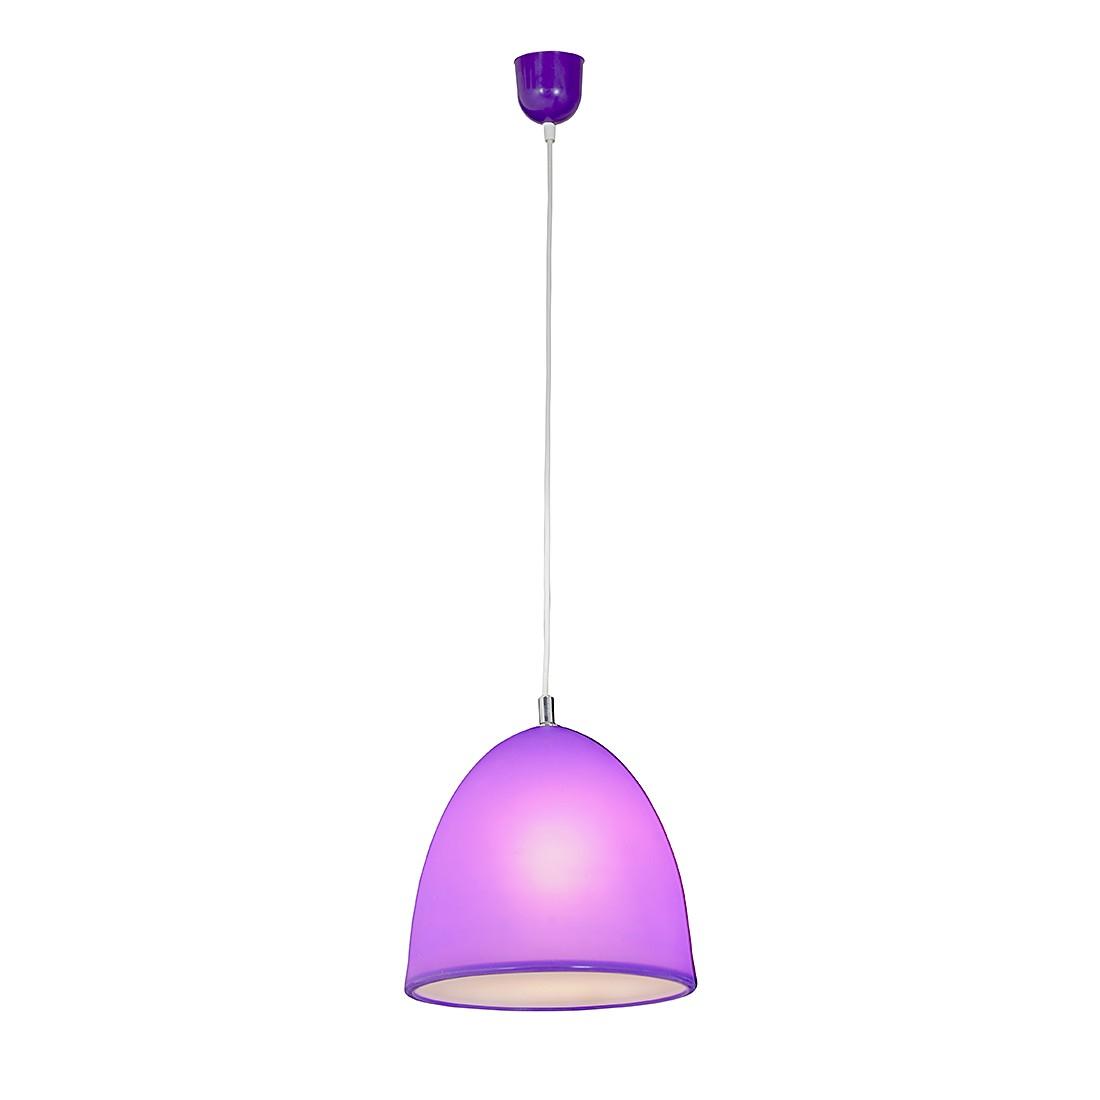 EEK A++, Pendelleuchte Tepsa - Silikon - 1-flammig - Violett, Näve